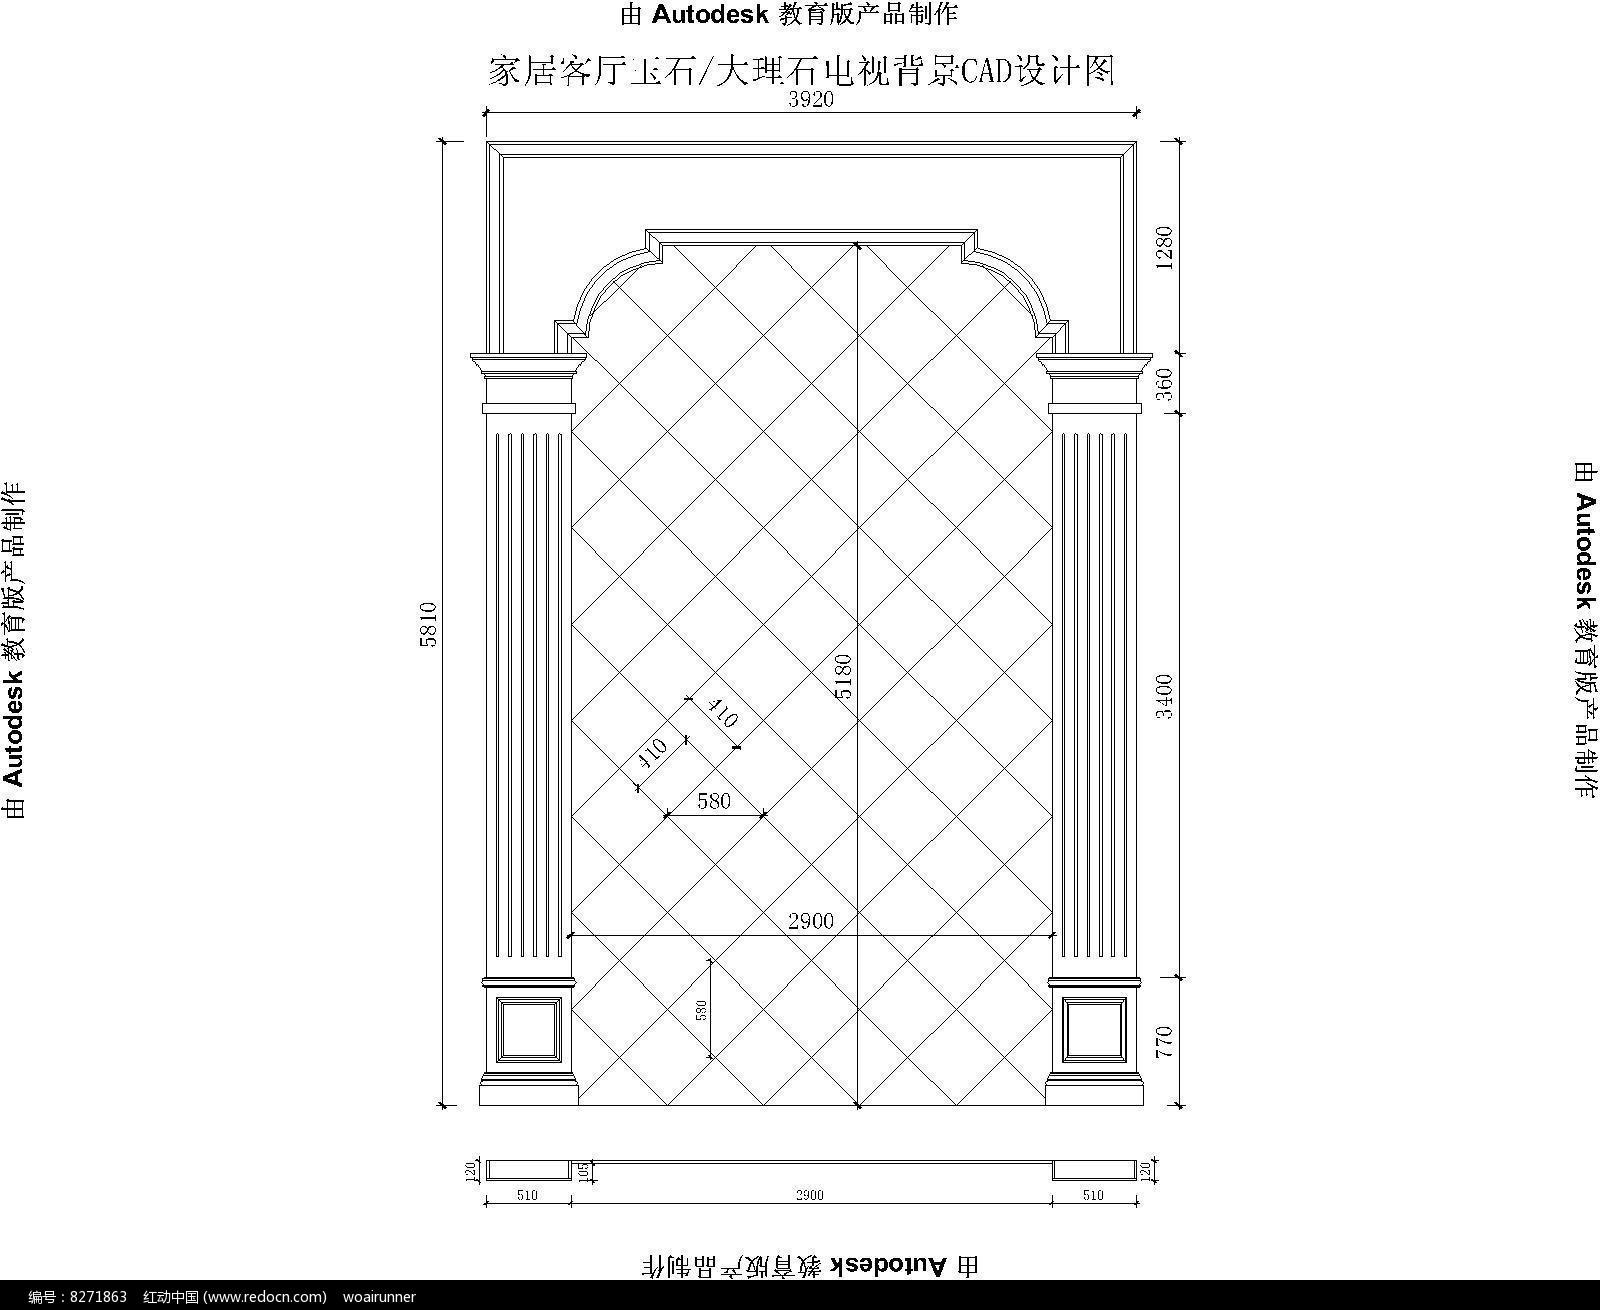 家楼中楼欧简风格罗马柱线条居客厅大理石玉石电视背景cad设计图